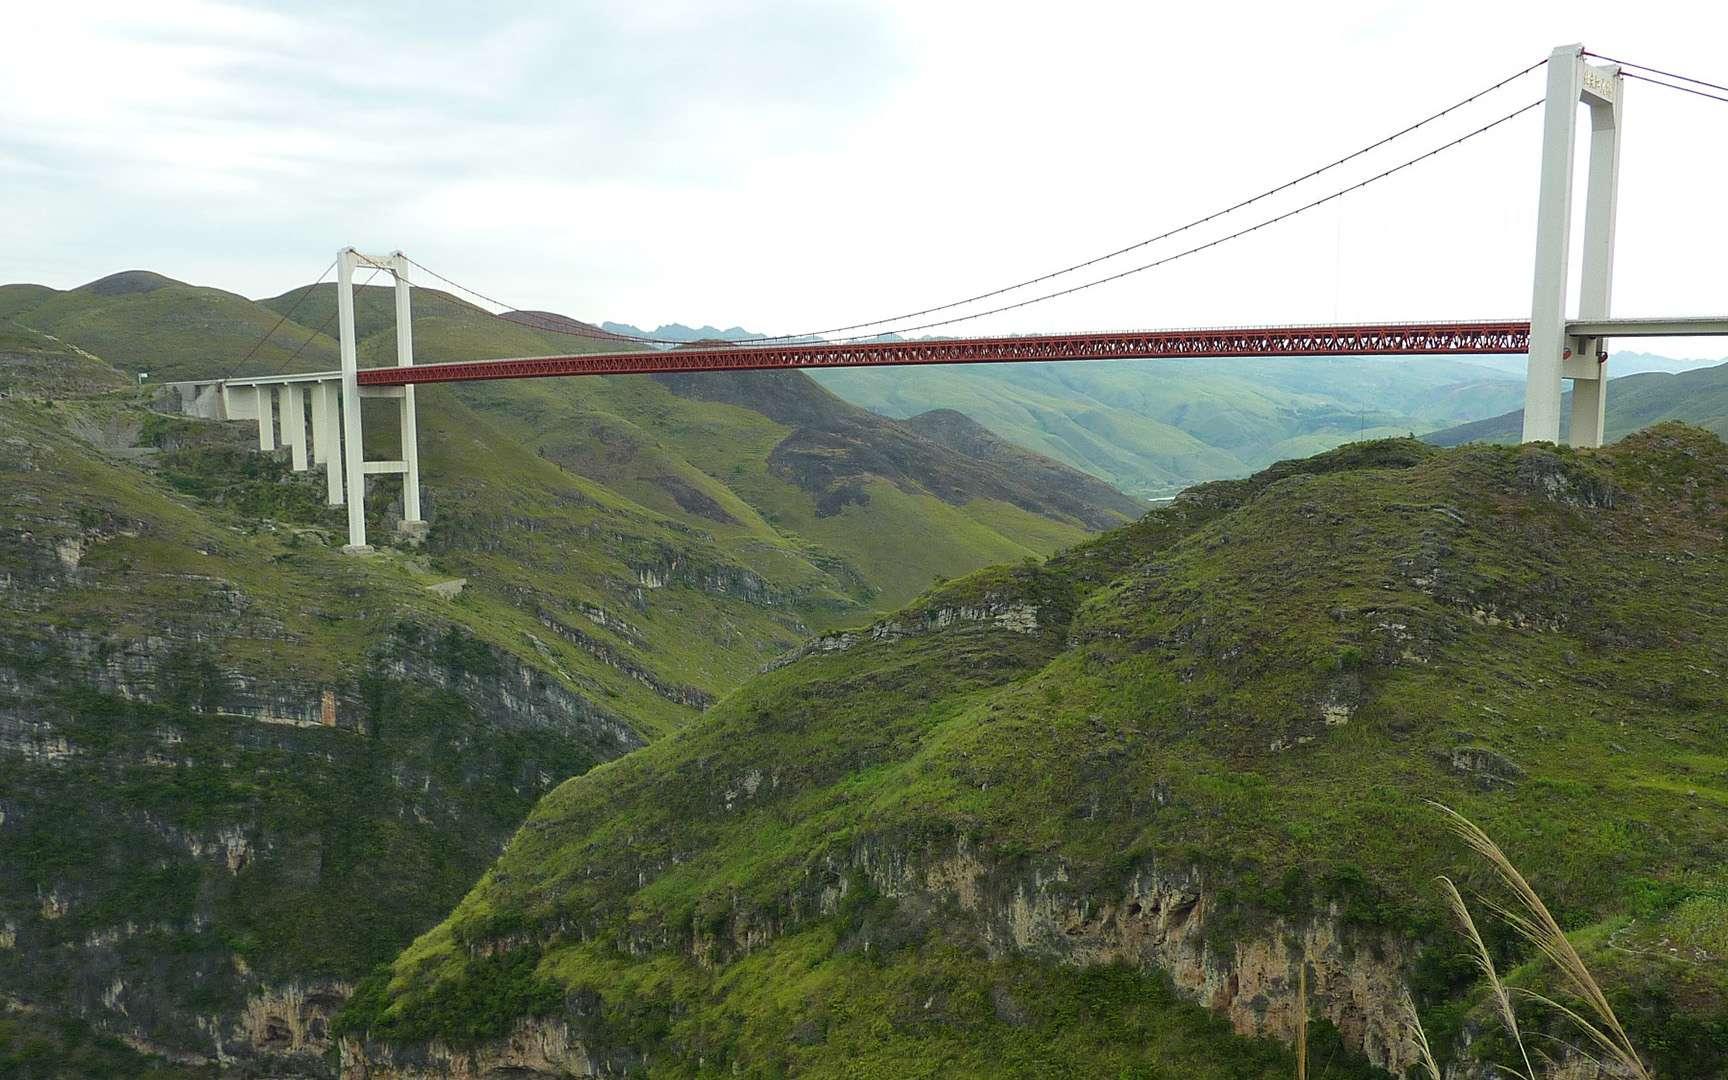 Le pont Beipanjiang culmine à 565 mètres au-dessus d'une rivière. © NewAtlas